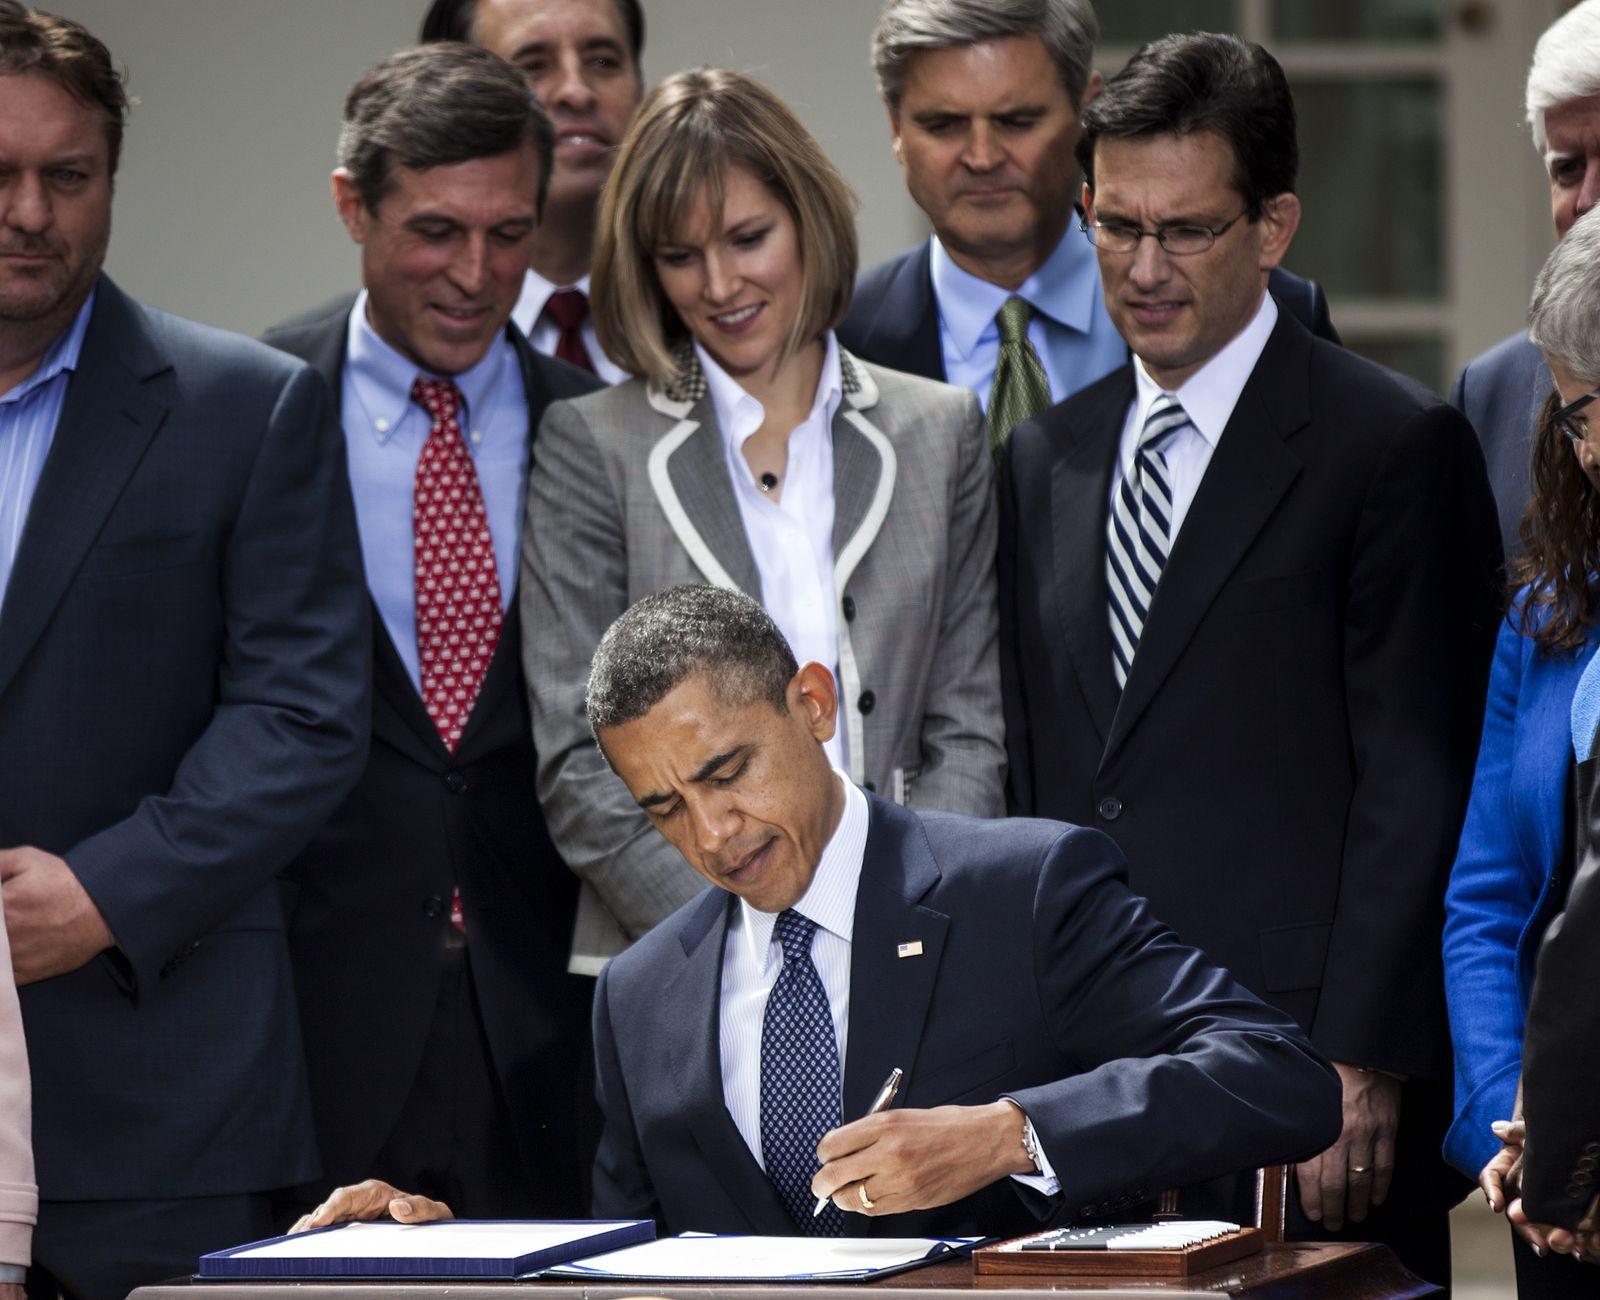 Obama/Jobsact